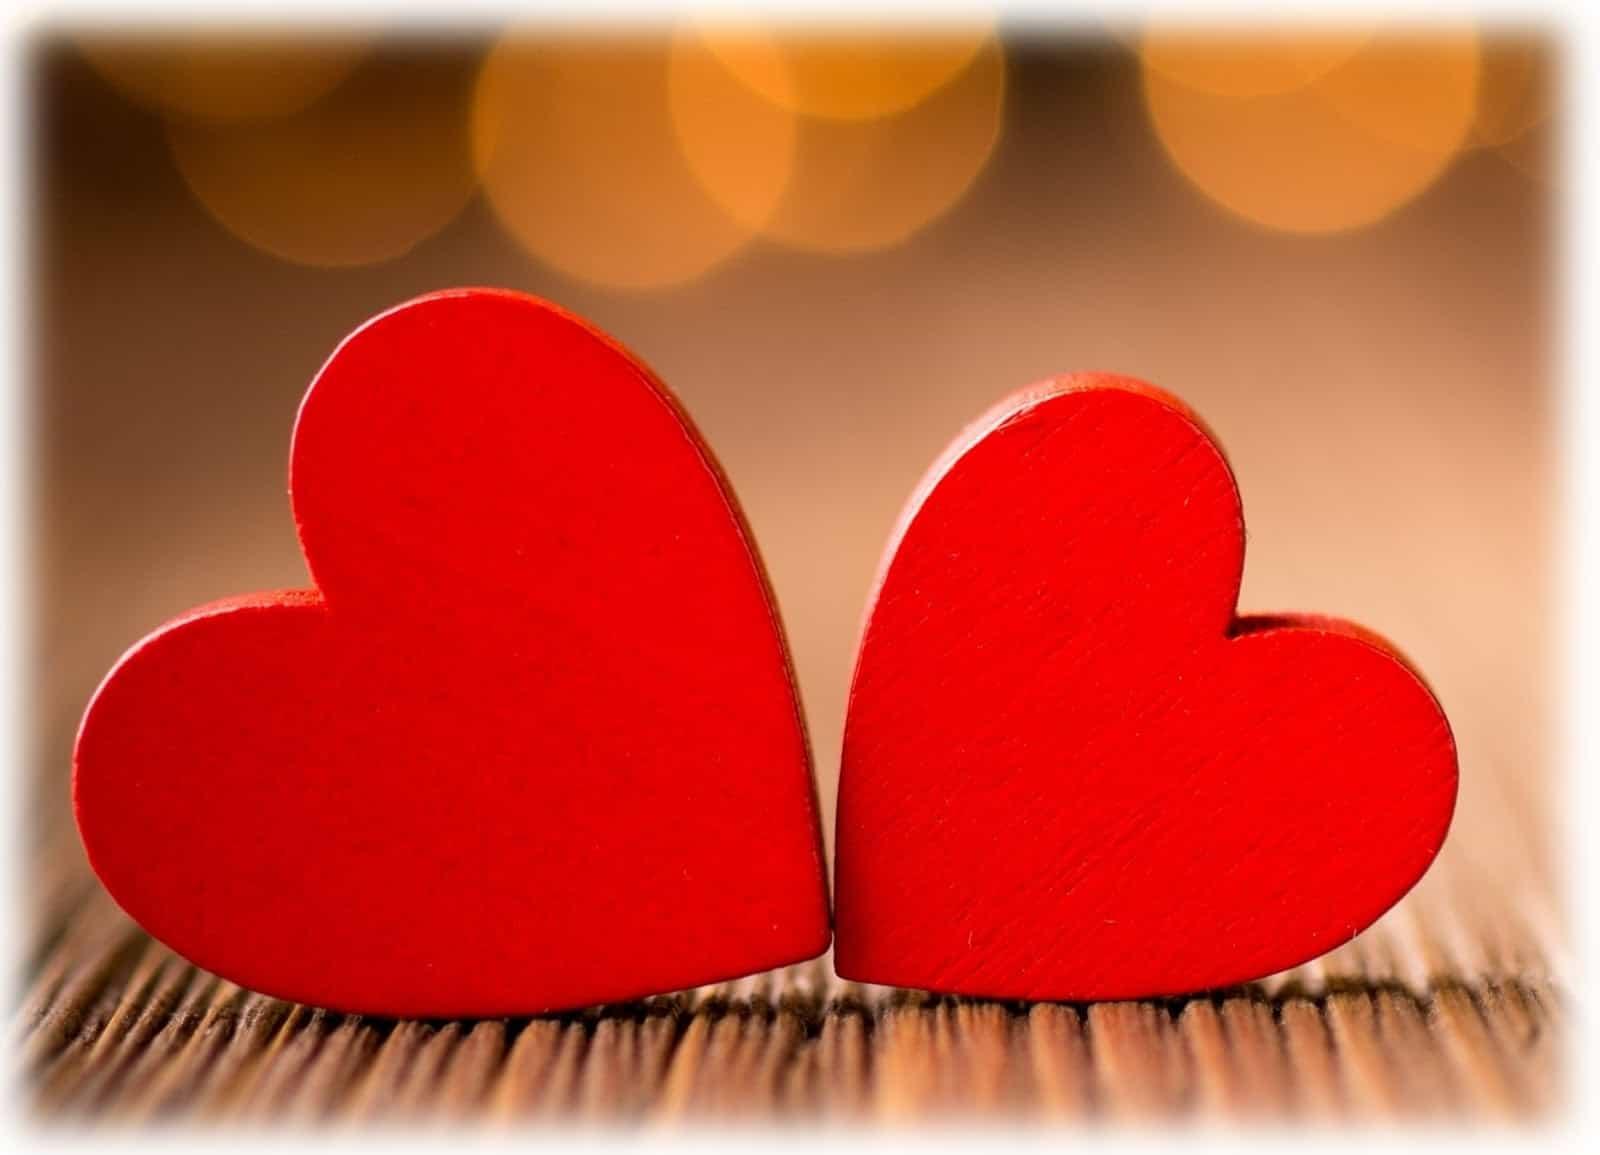 Seni seviyorum çünkü…